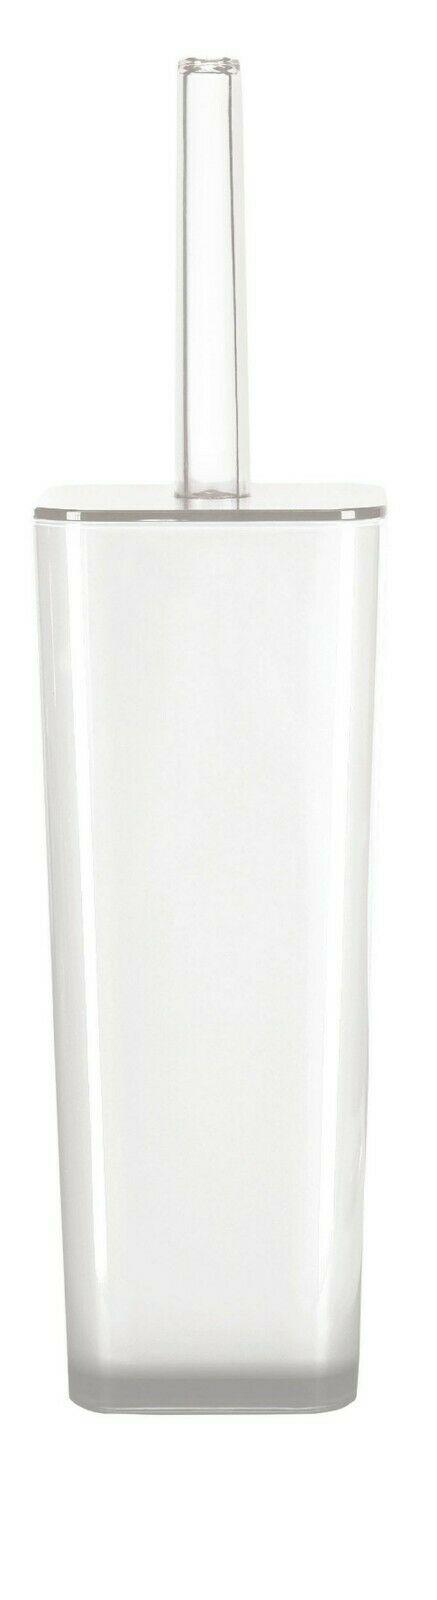 KleineWolke WC-Garnitur Easy B549627 ehemalige UVP 29,99€   KleineWolke WC Garnitur Easy B549627 UVP 2399 233221046661